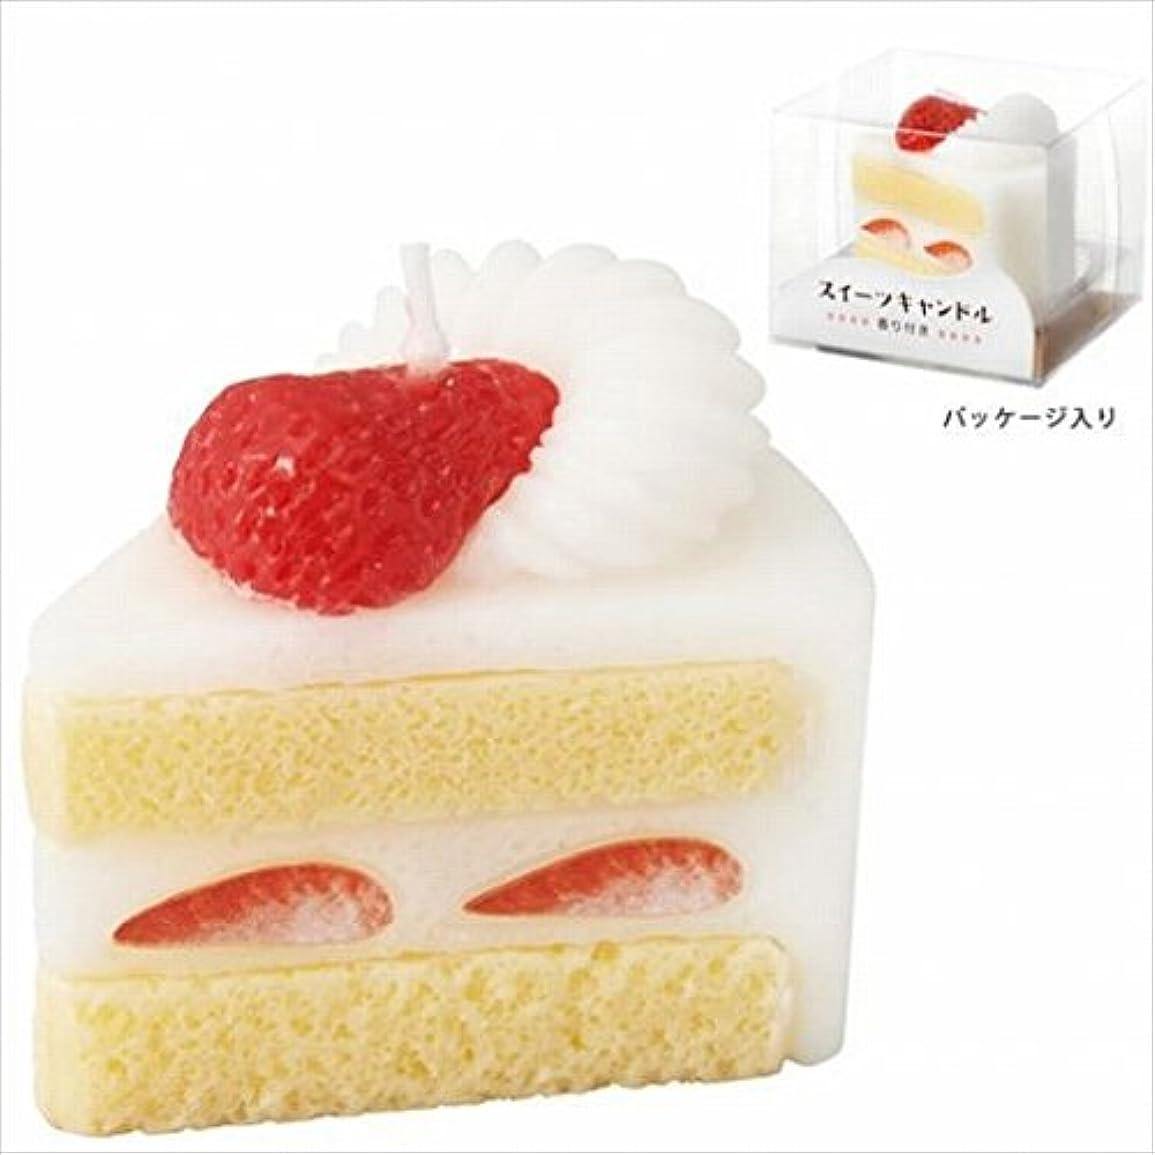 ヤンキーキャンドル( YANKEE CANDLE ) スイーツキャンドル ショートケーキ